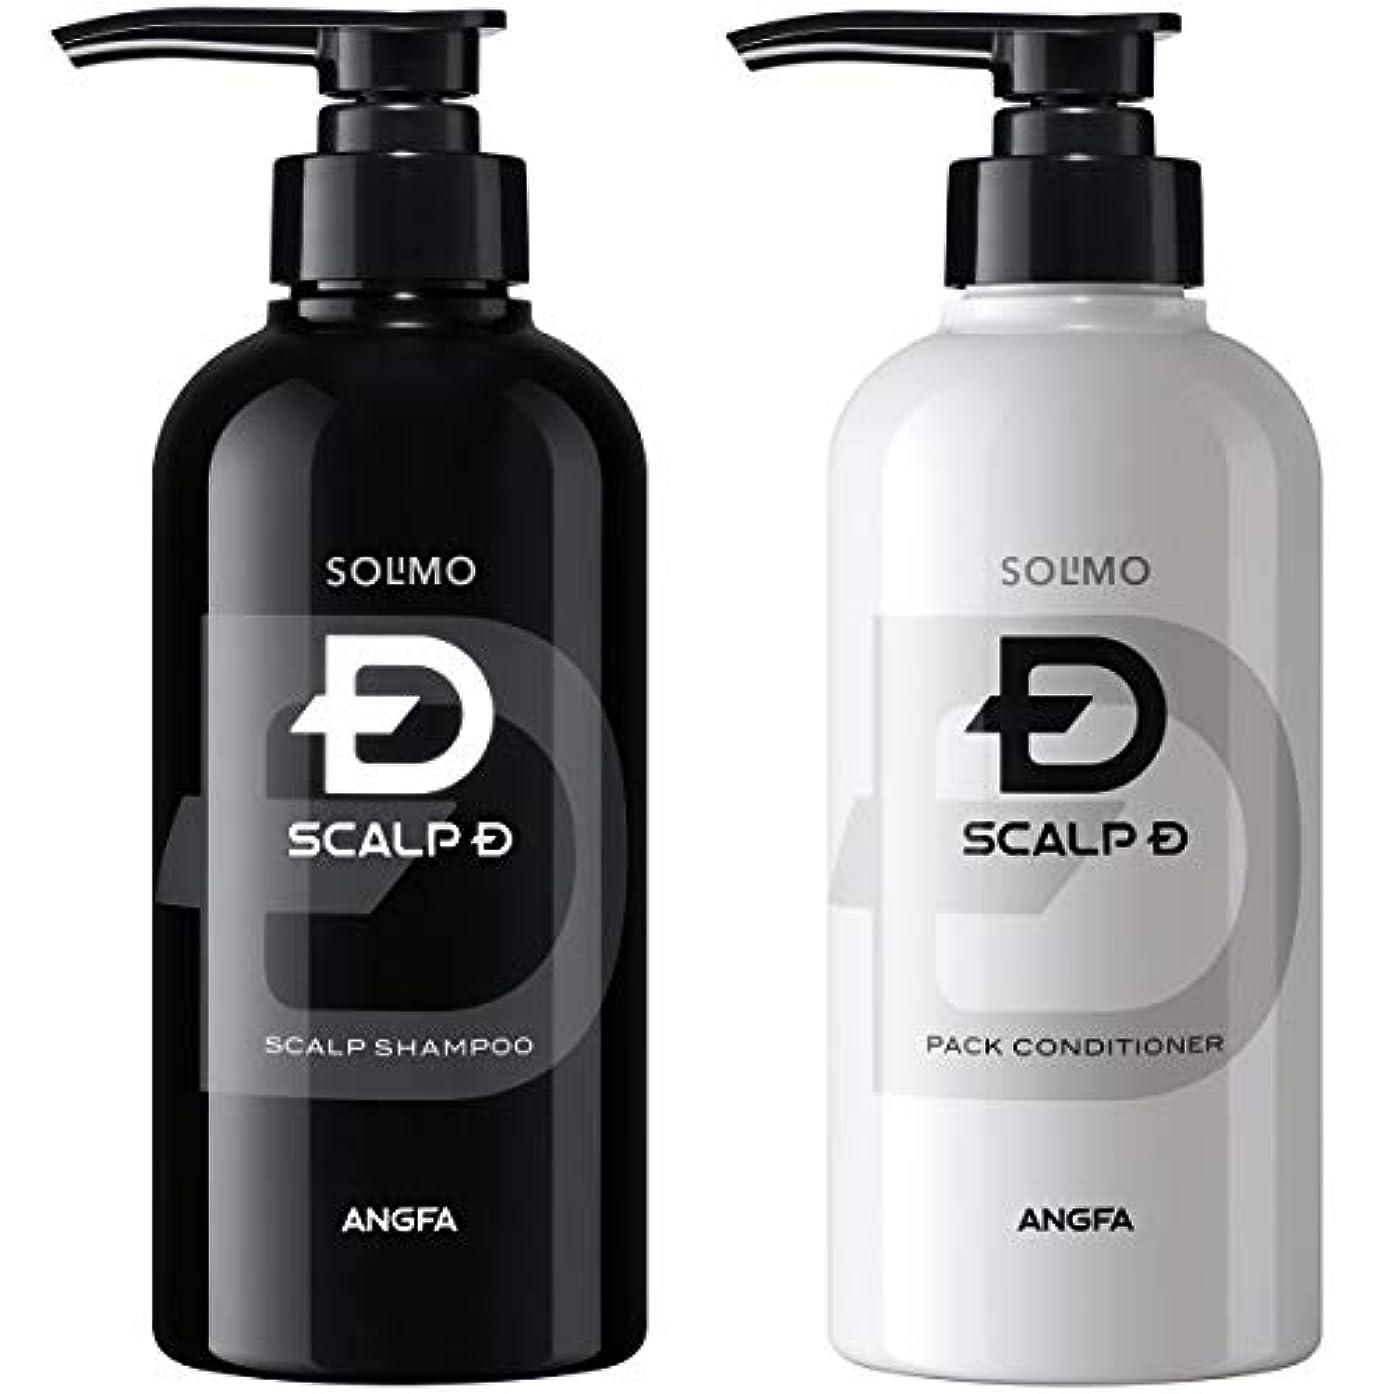 単なる規範掃除[Amazonブランド]SOLIMO スカルプD シャンプー 350ml & コンディショナー 350ml セット